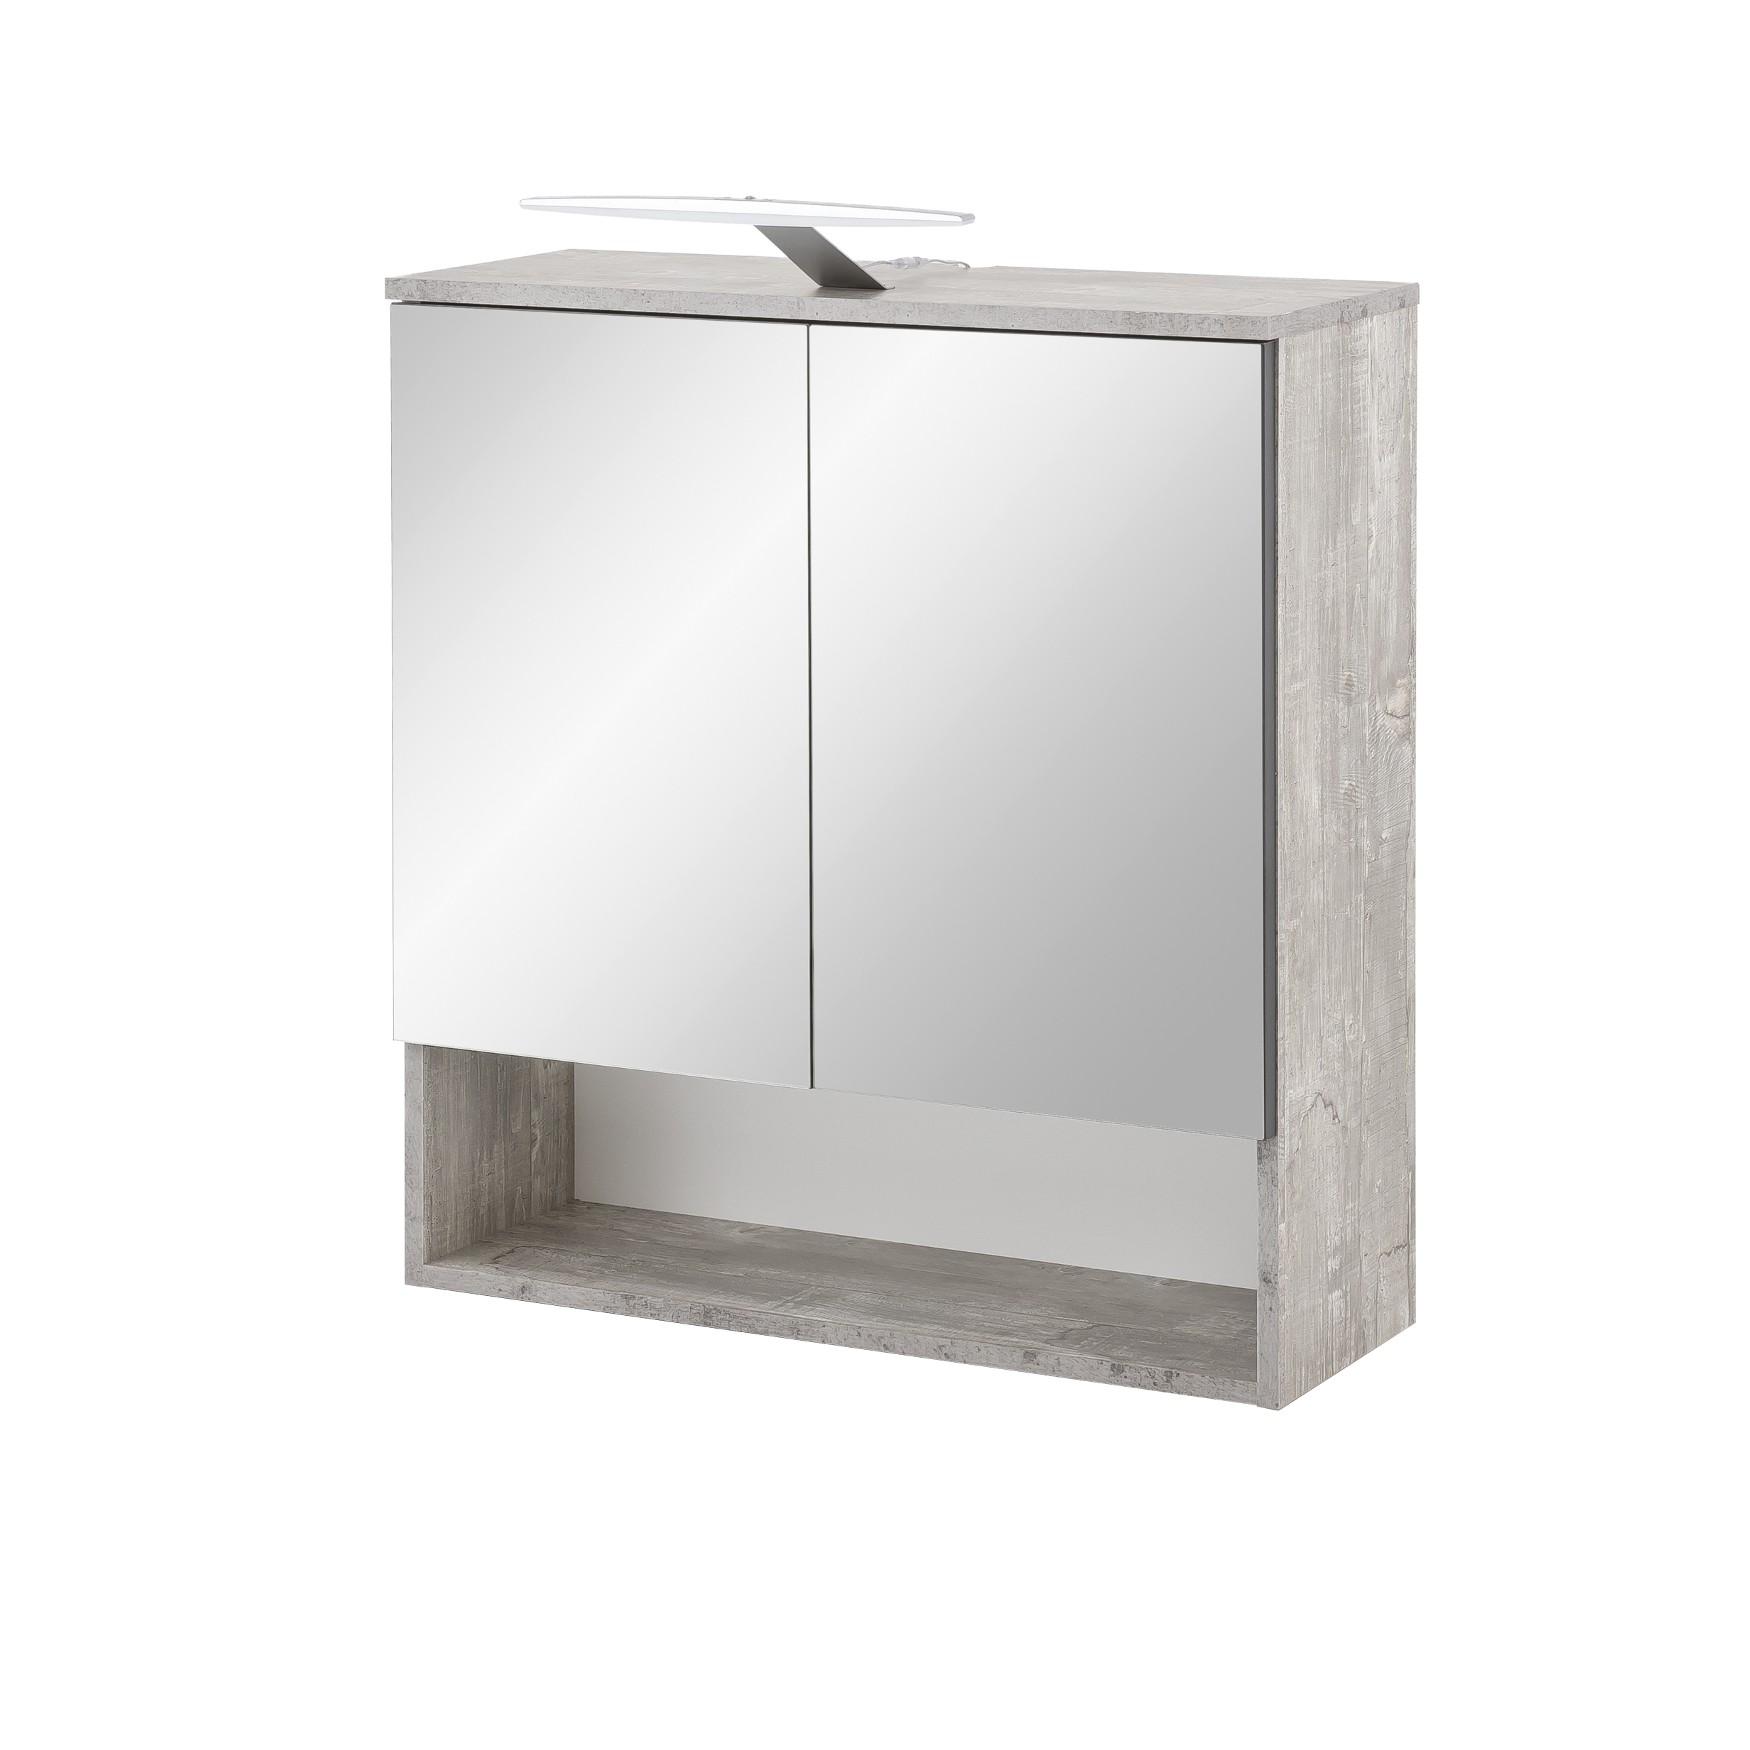 Bad-Spiegelschrank ULM - 2-türig, LED-Aufbauleuchte, 65 cm breit ...